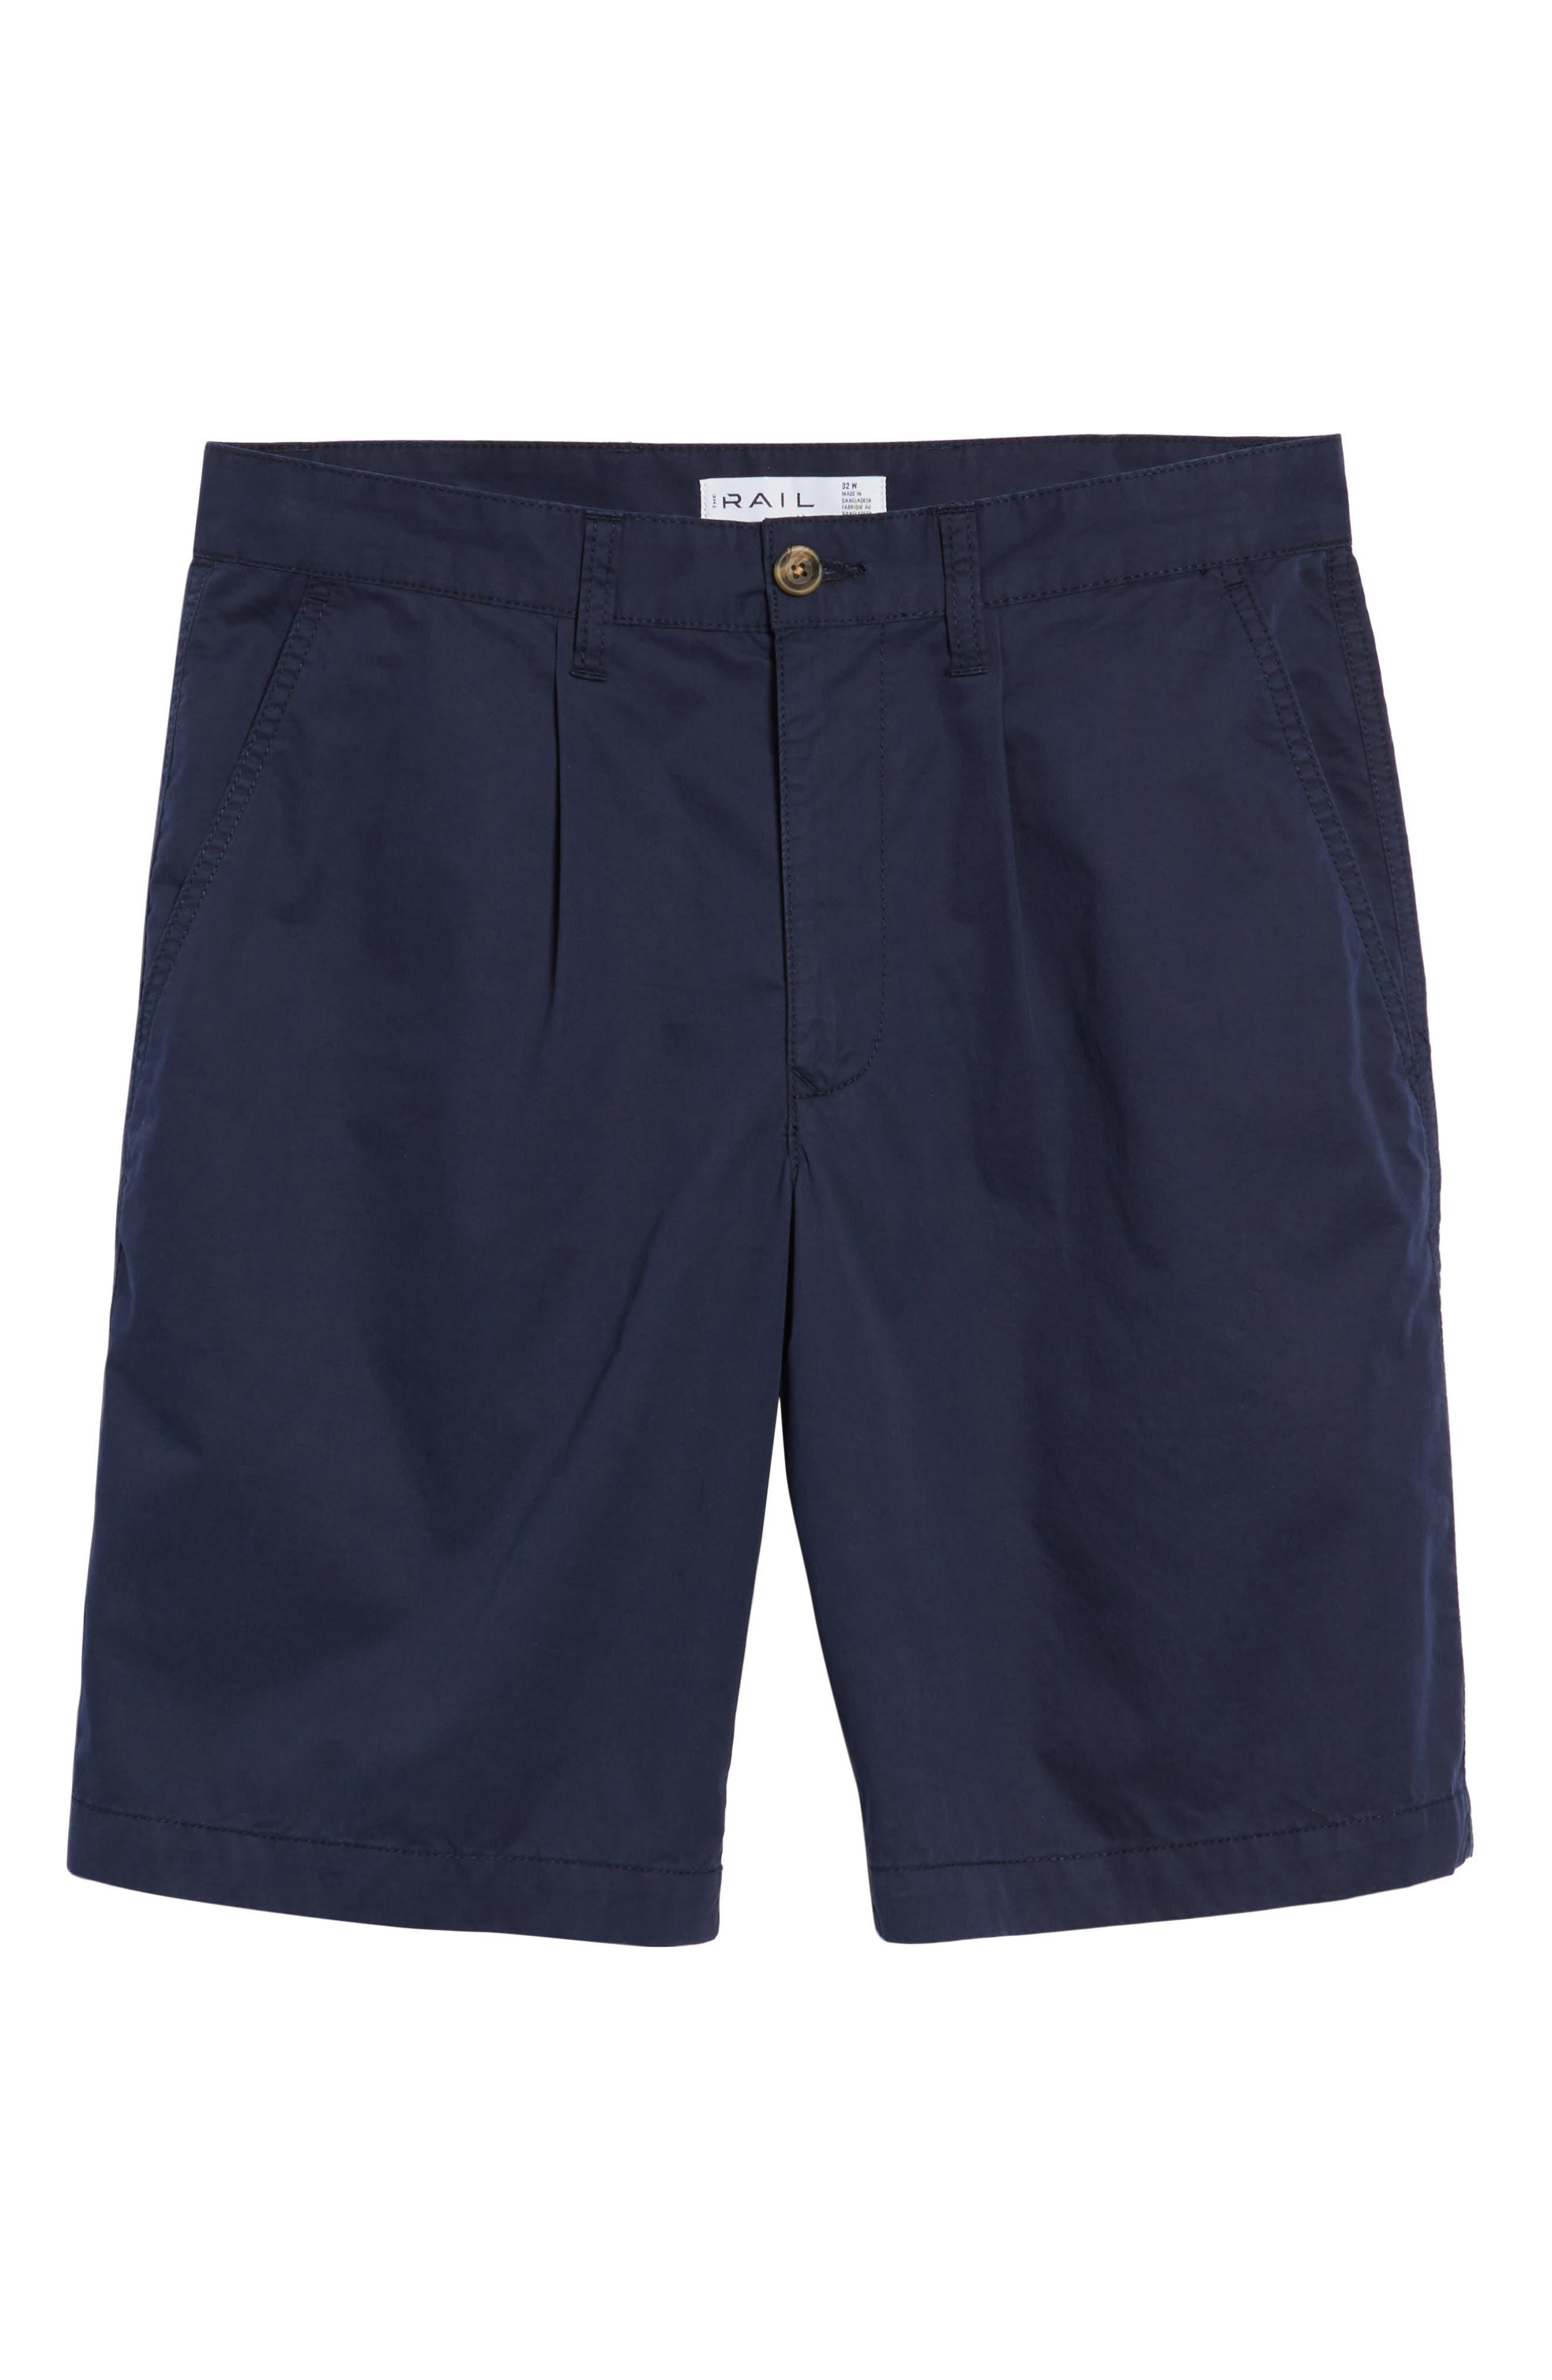 Pleated Chino Shorts,                             Alternate thumbnail 6, color,                             Navy Peacoat